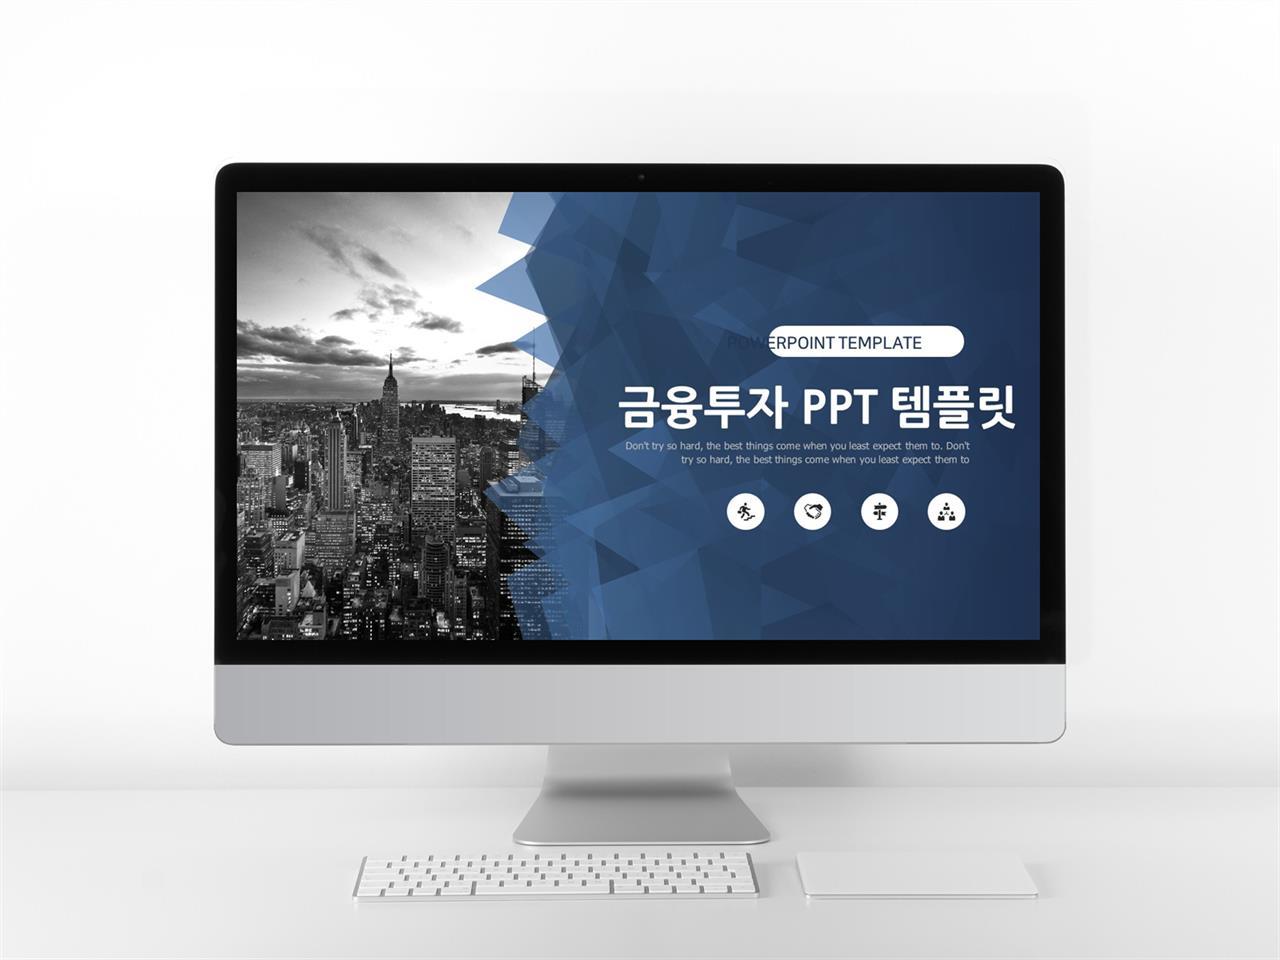 상업계획 남색 시크한 고급스럽운 파워포인트샘플 사이트 미리보기